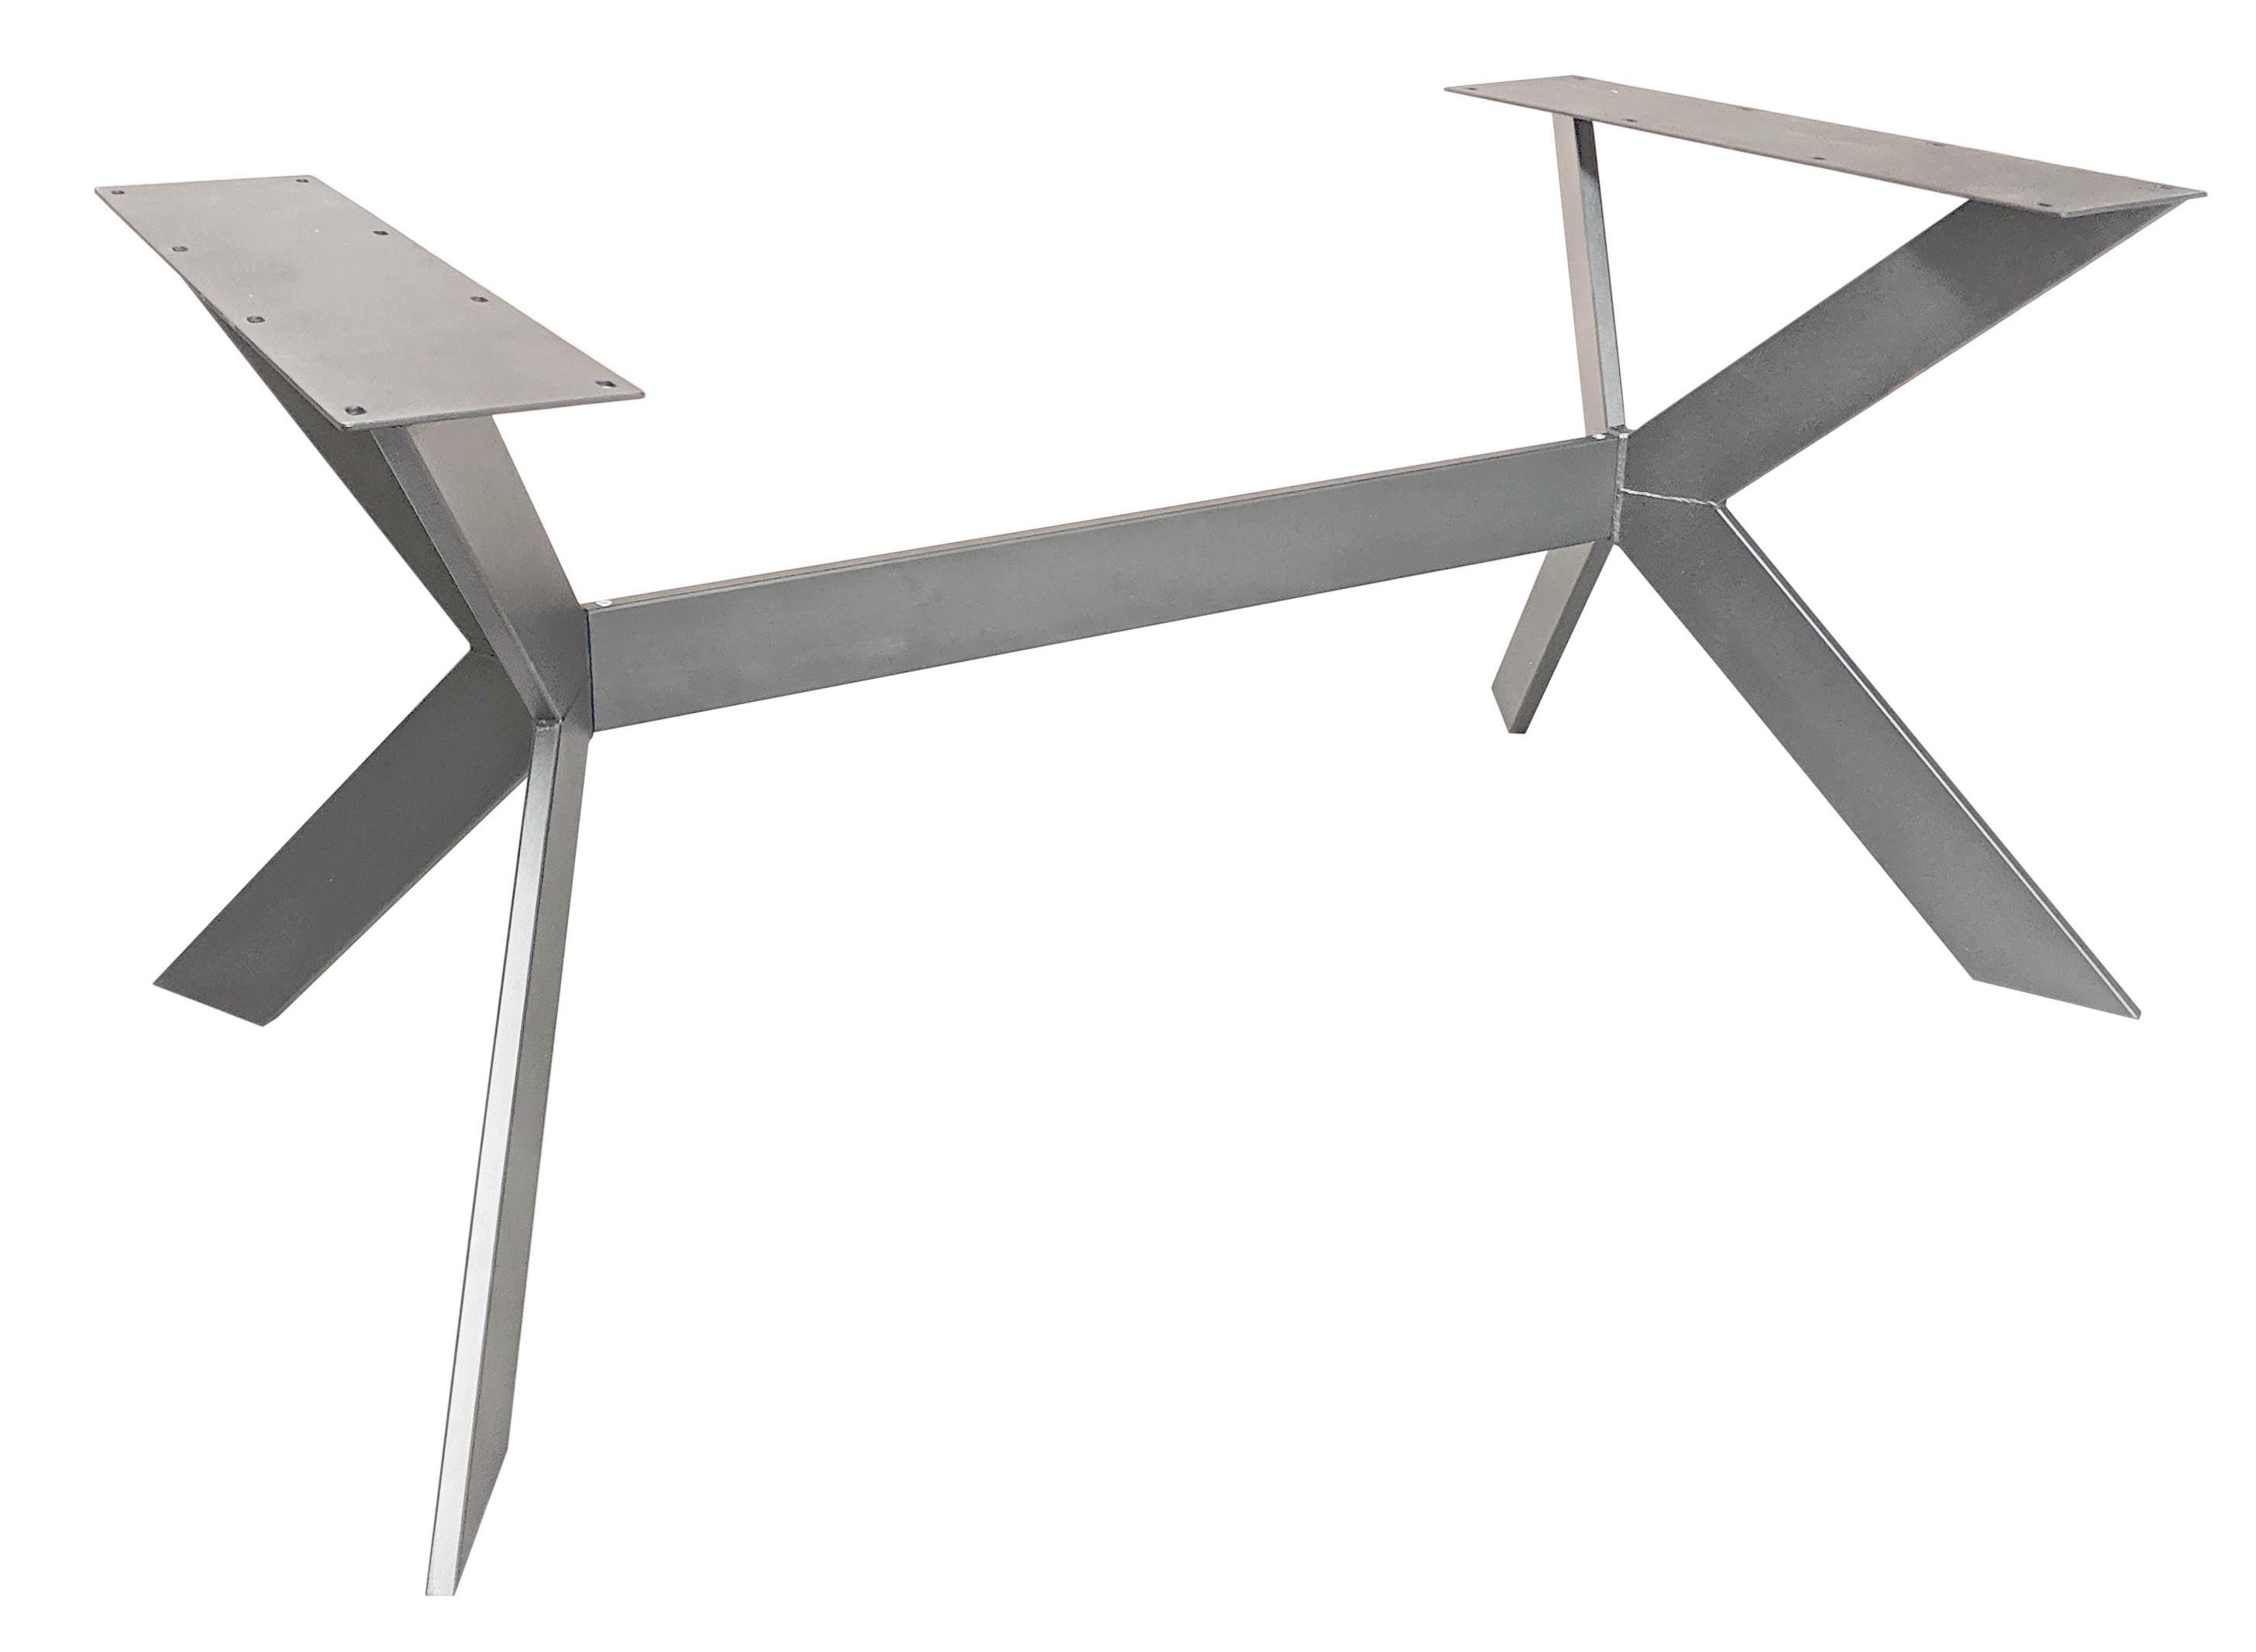 Tischgestell 3D X-Beine Frame Edelstahl schlank - 3-Teilig - 2x10 cm - 78x150 cm - 72cm hoch - Tischuntergestell - Rechteck